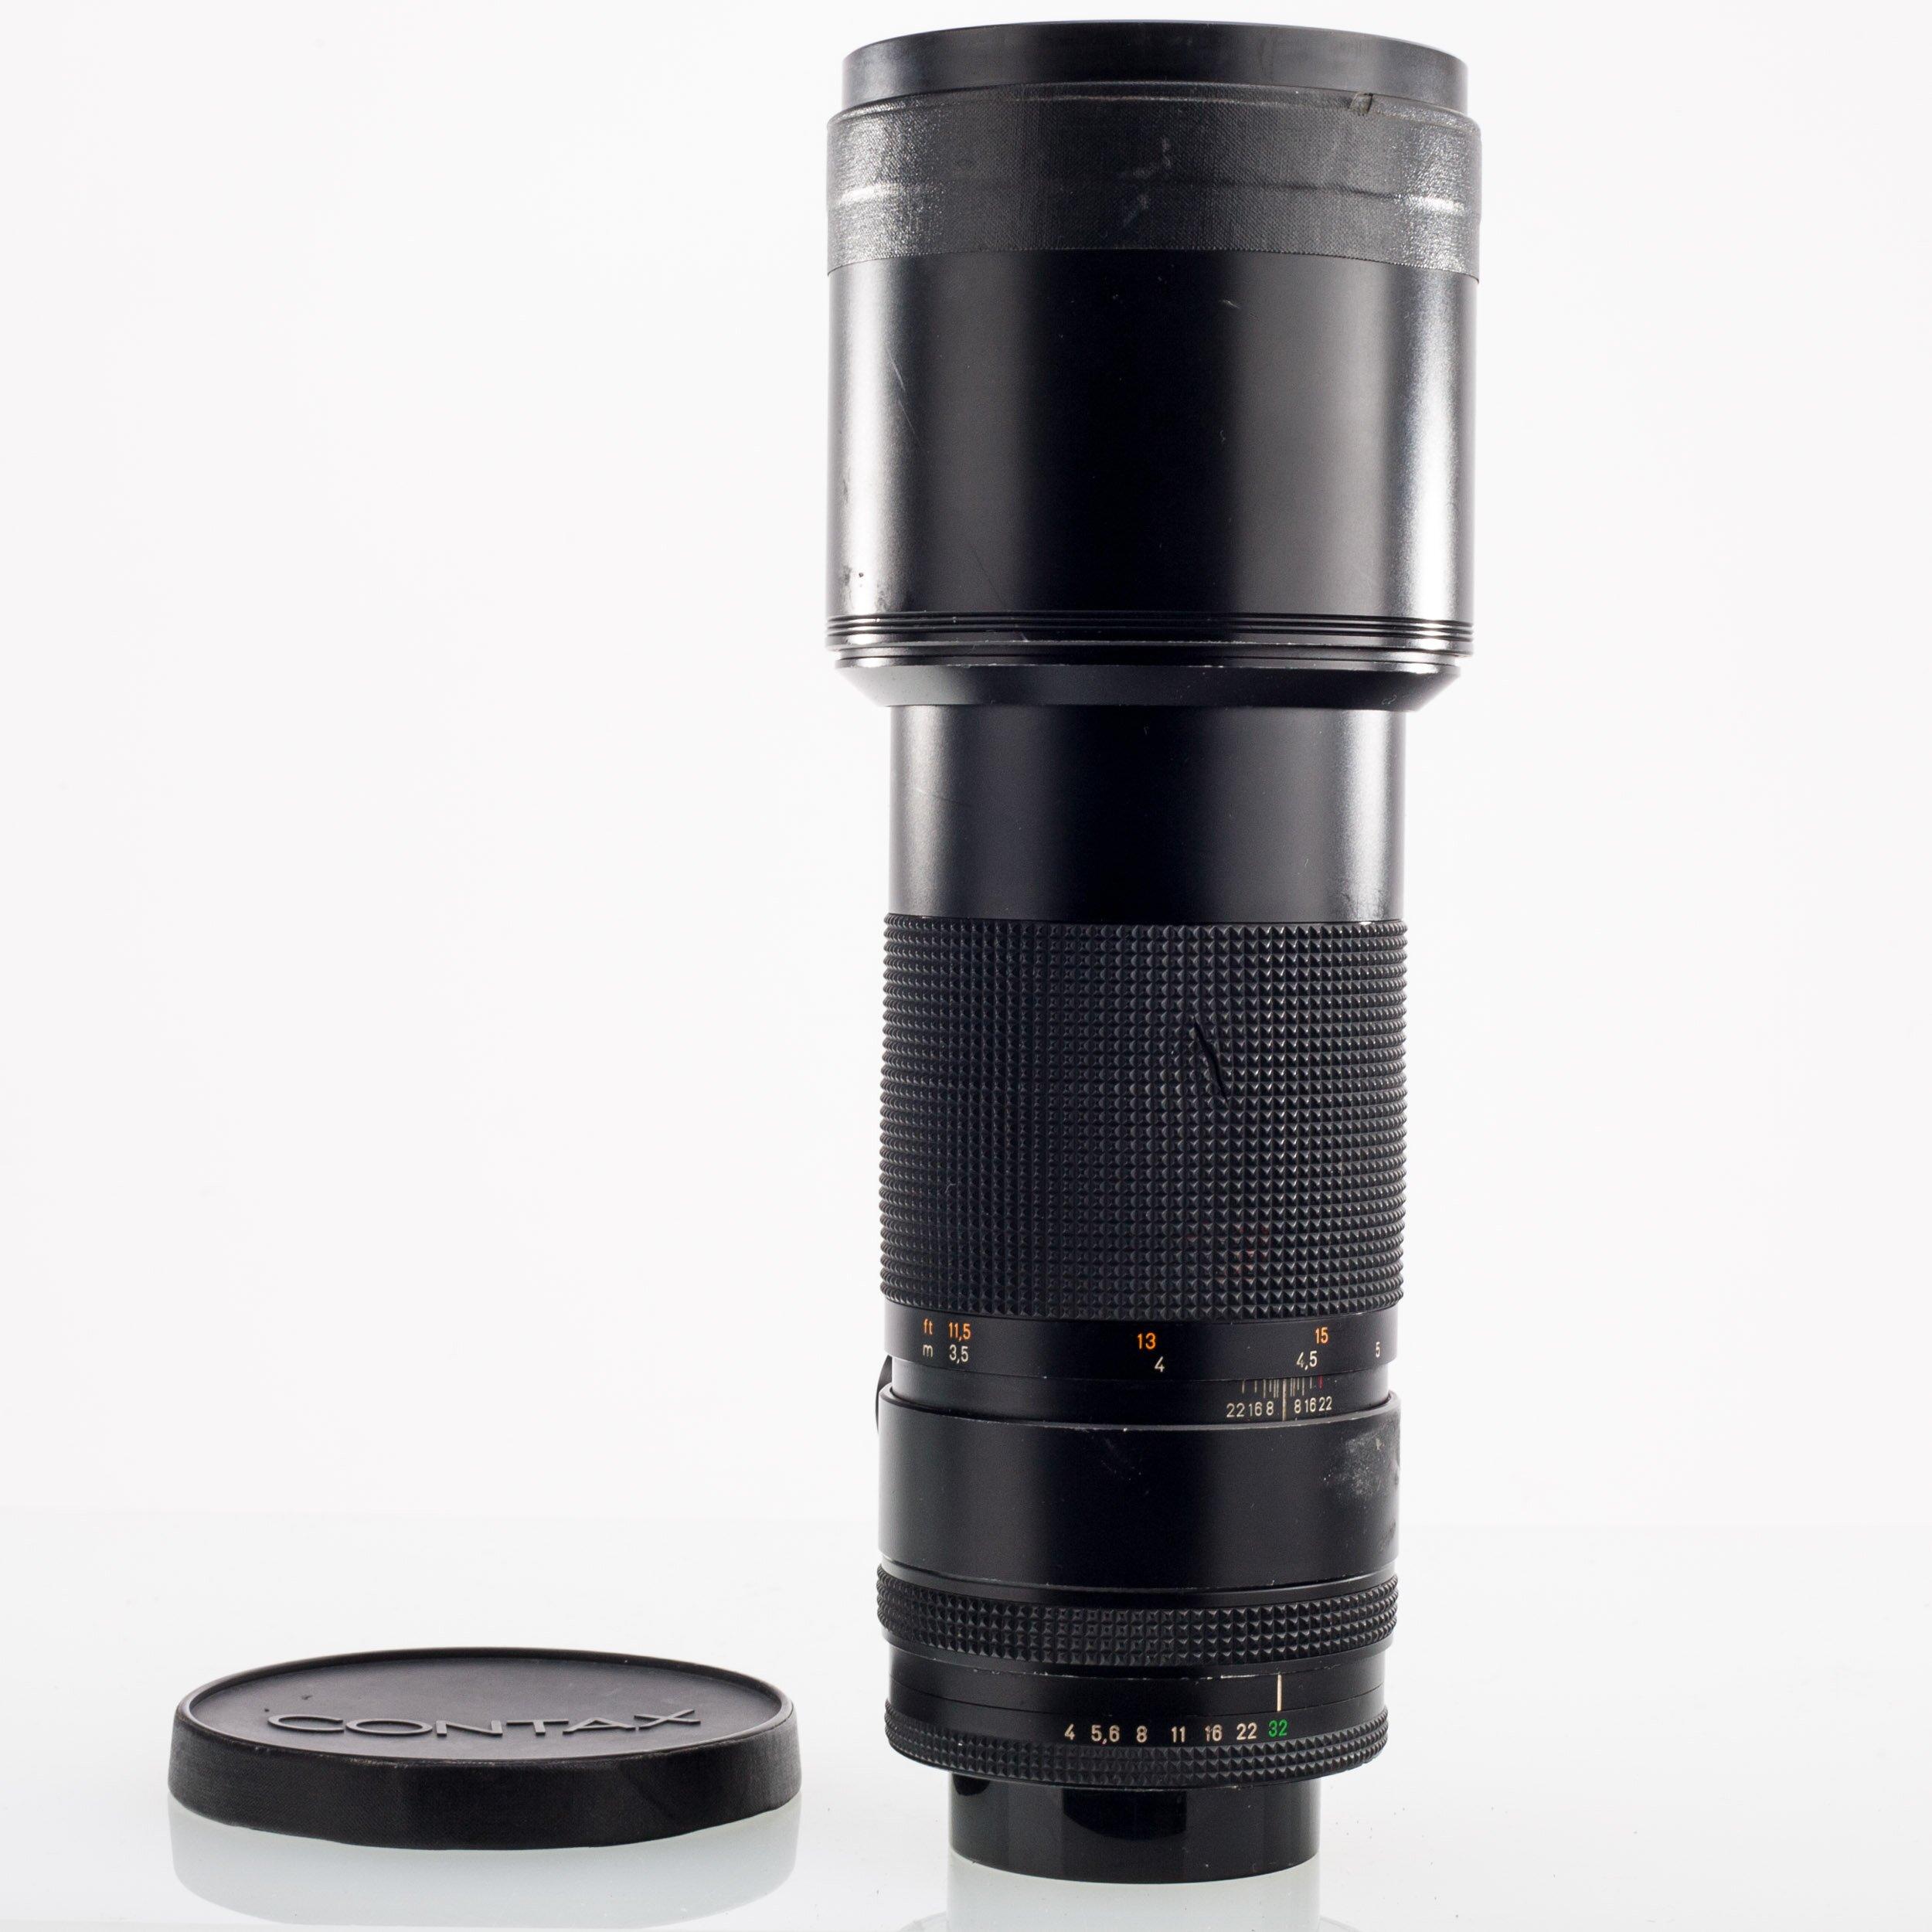 Carl Zeiss f. Contax RTS 4/300mm Tele-Tessar T*